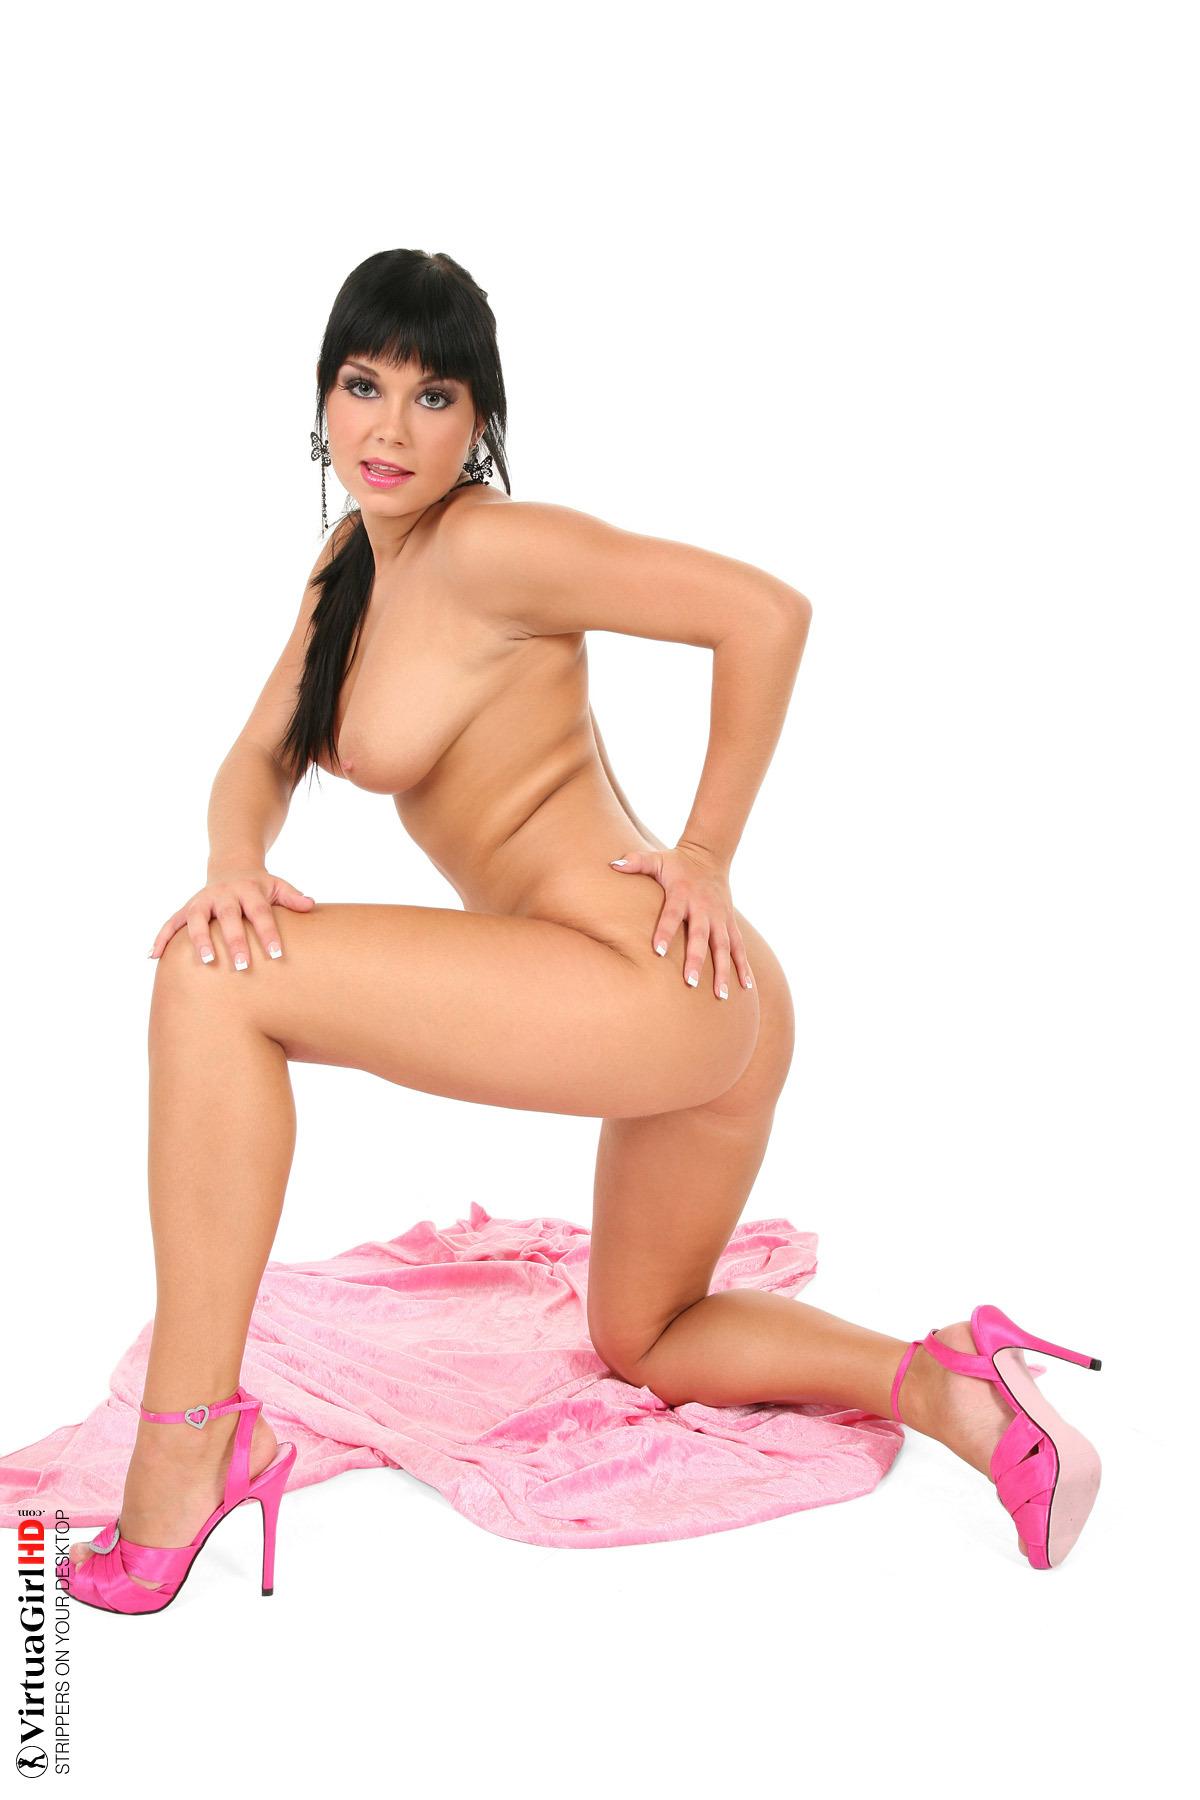 naked wallpaper girls